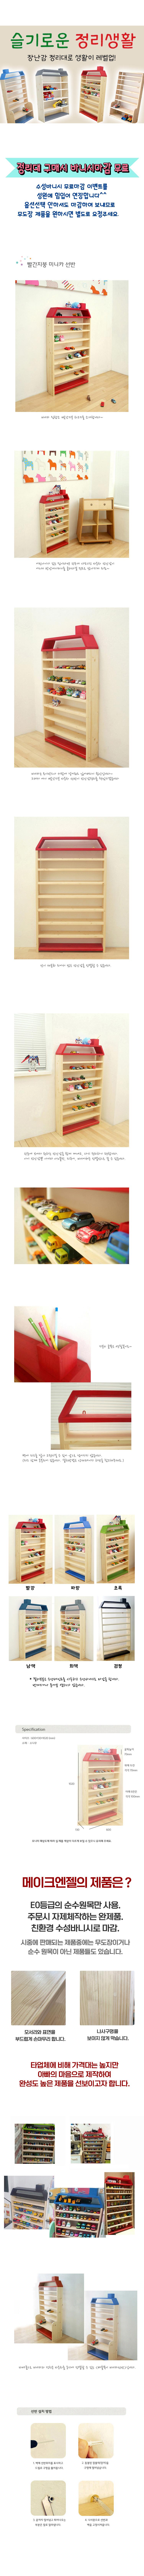 빨간지붕 미니카 선반 - 메이크엔젤, 180,000원, 가구, 옷장/수납장